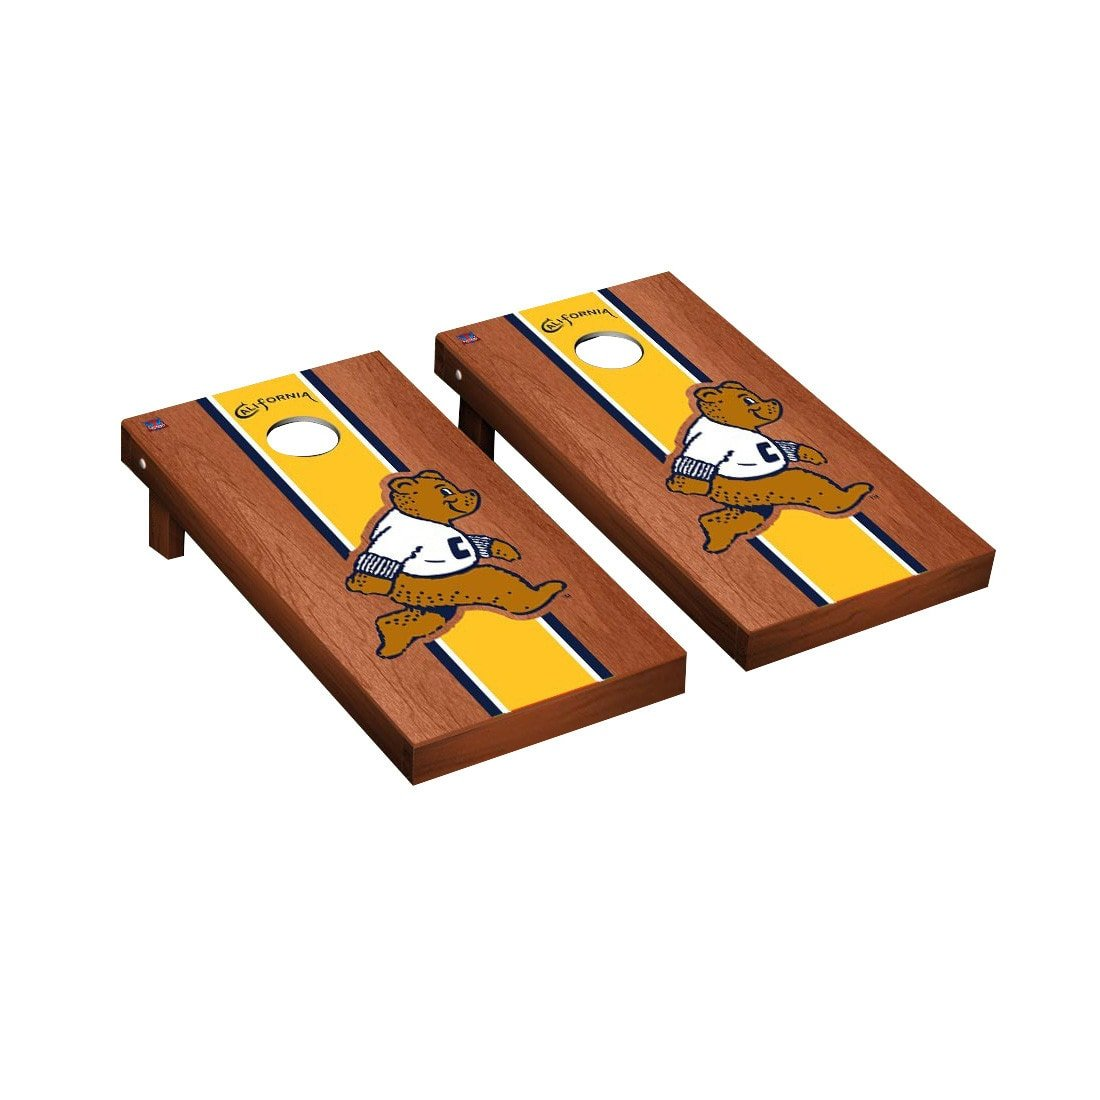 カレッジVault california-berkeley ゴールドen Bears Cornhole GameセットローズウッドStainedストライプバージョン